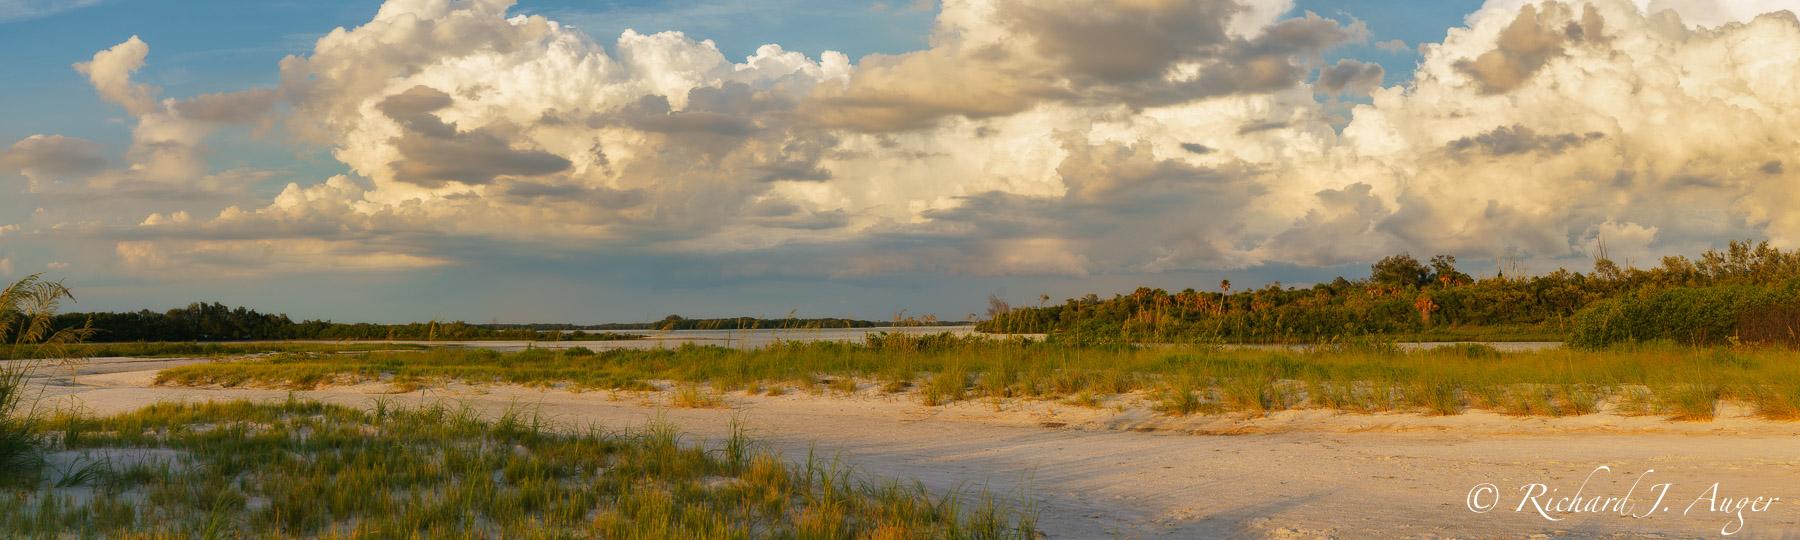 Fort De Soto Park, Florida, Pinellas County, St Petersburg, Tampa, Sand Dunes, Sunset, Clouds, Photograph, Photographer, Photo, Landscape, Richard Auger